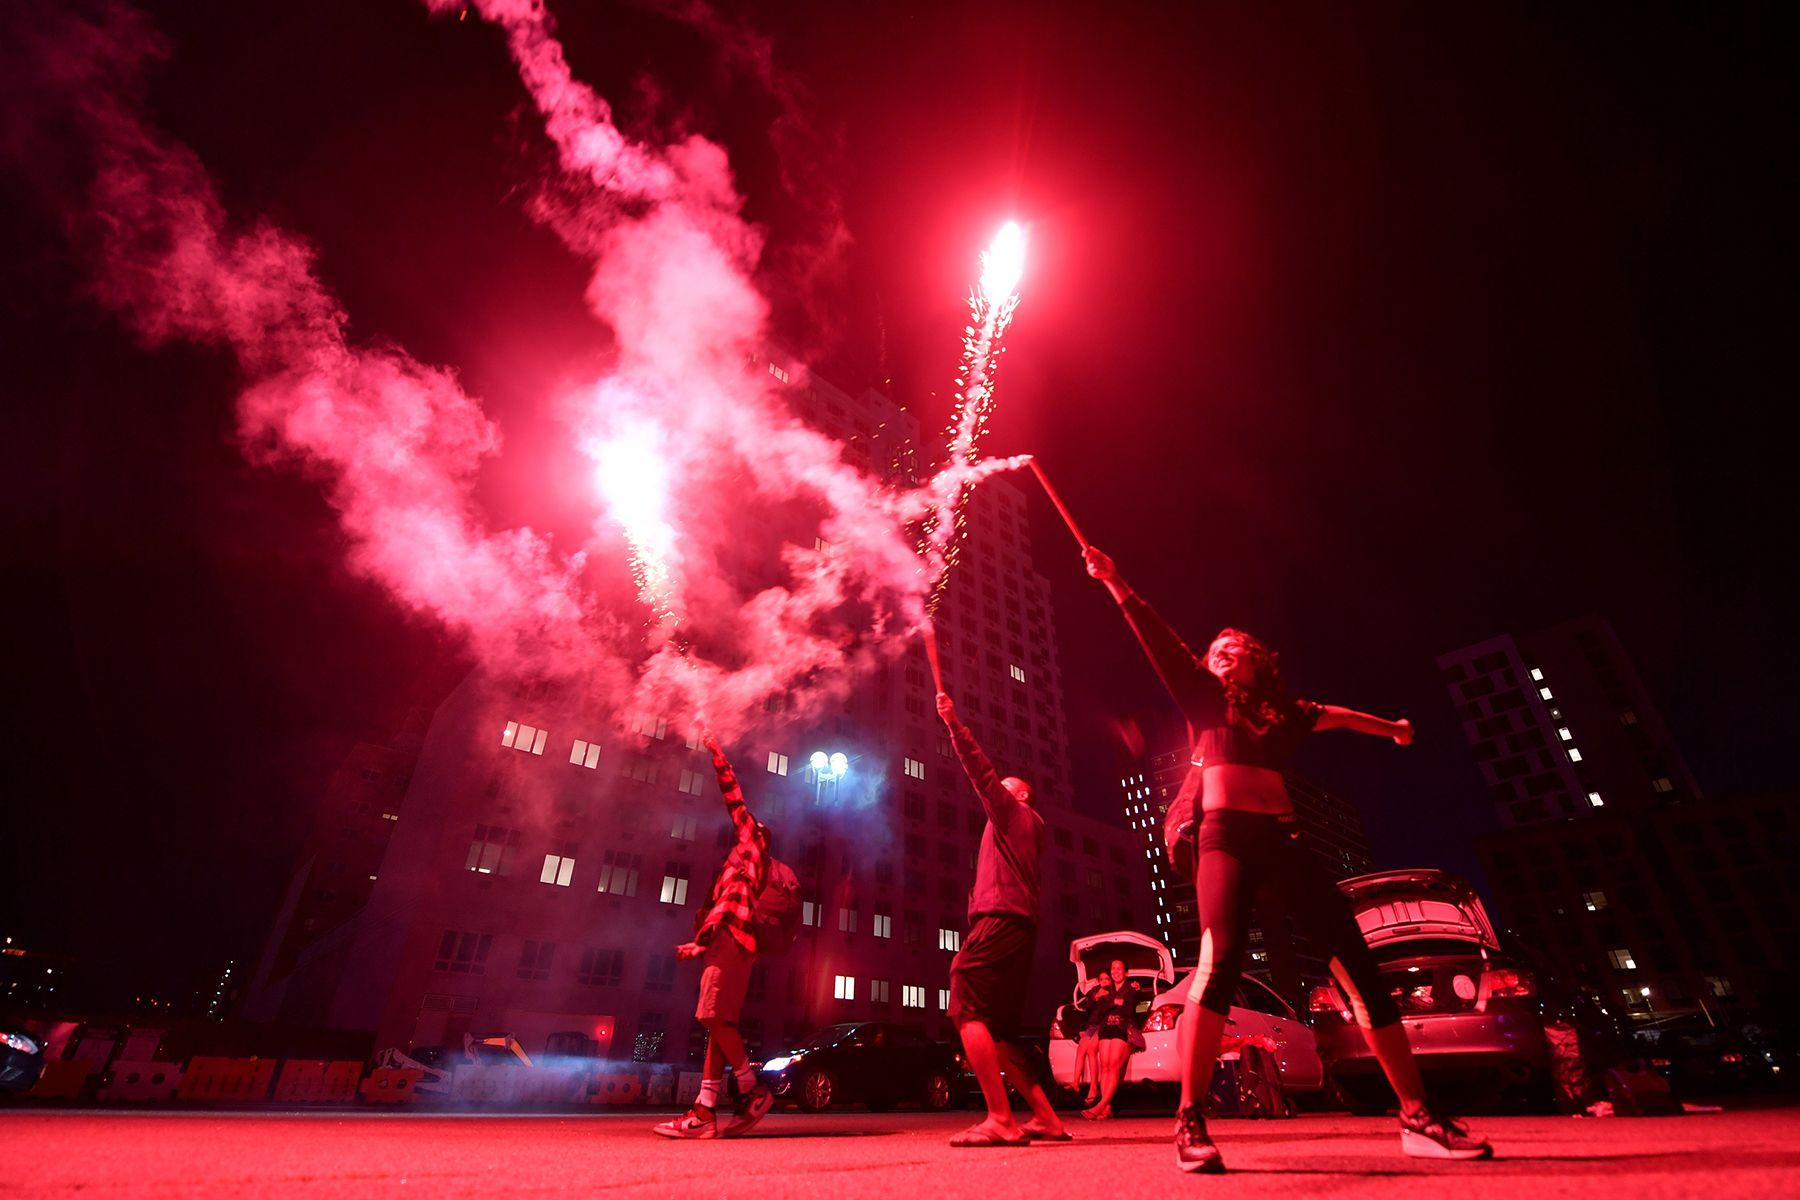 070421 July 4th Coney Island Fireworks 01.jpg